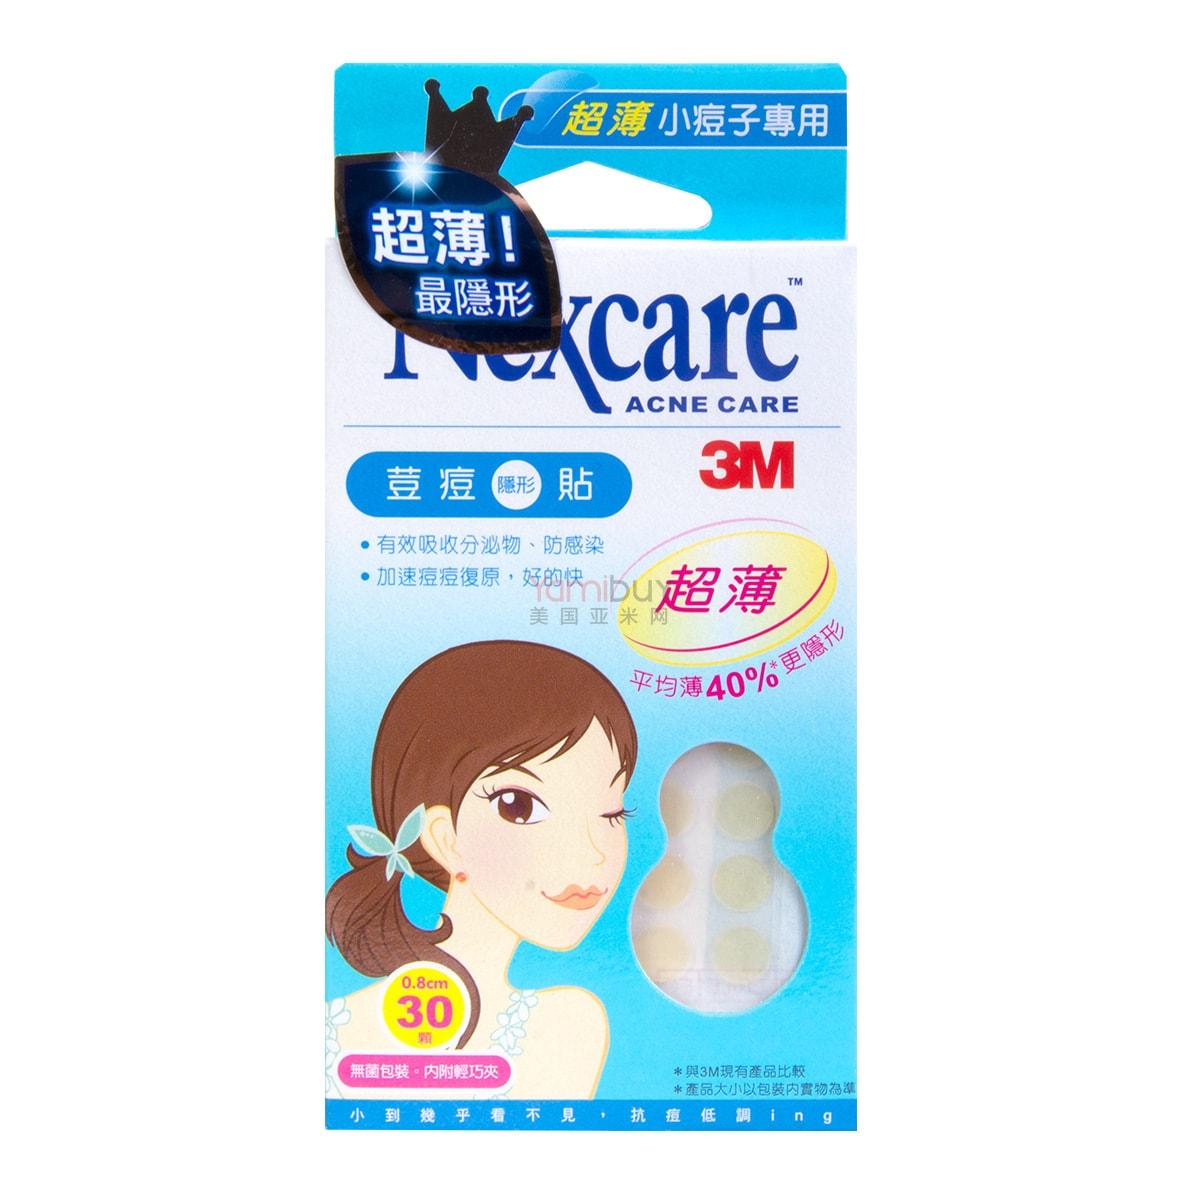 台湾3M NEXCARE 超薄隐形痘痘贴 小痘痘专用贴 30枚入